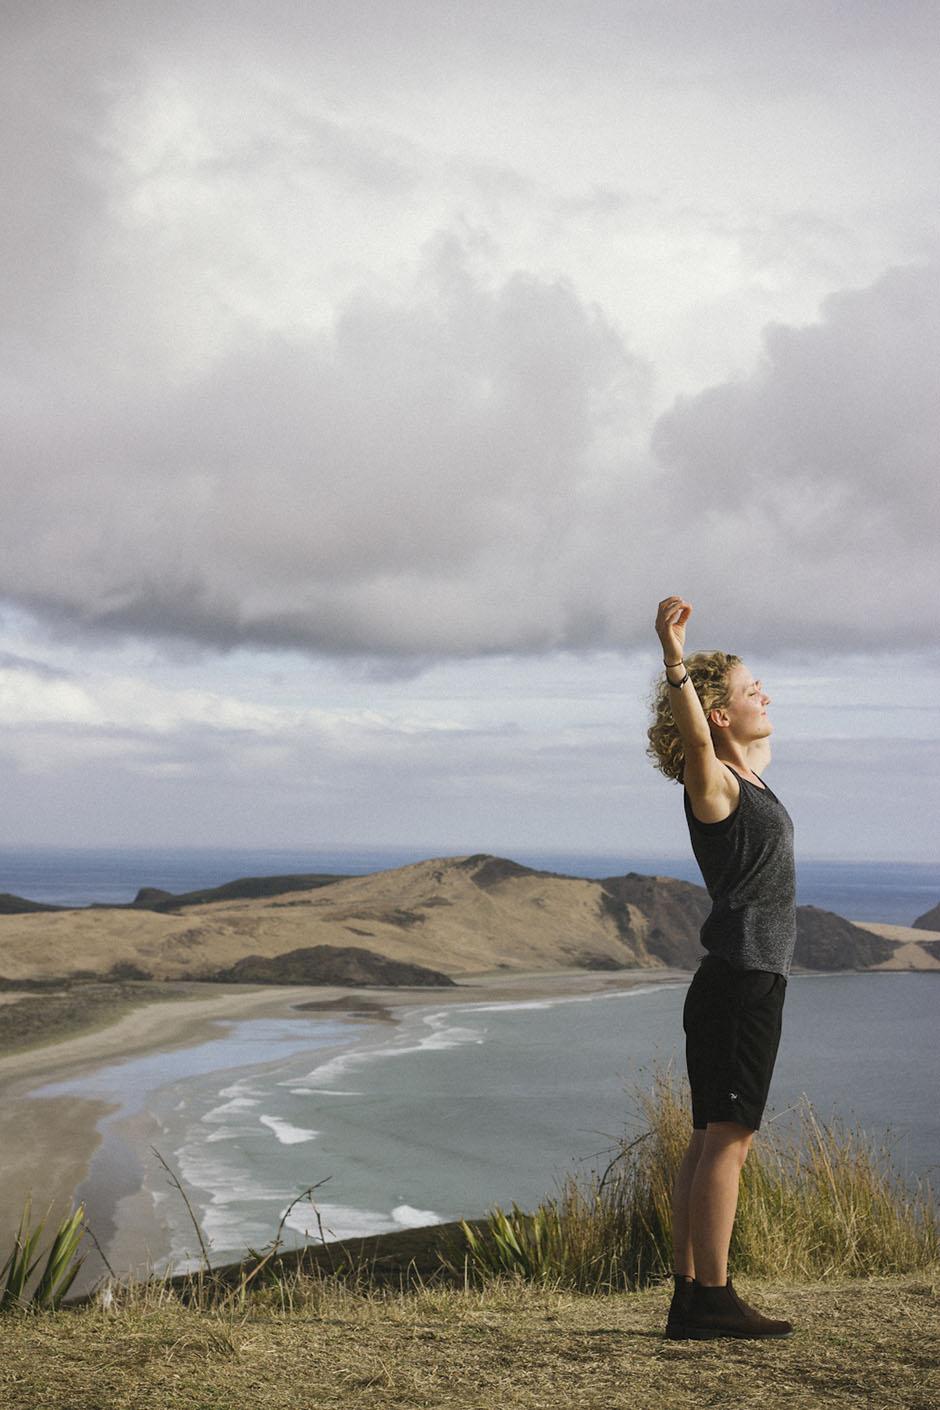 Rachel Walker. Bay of Islands, New Zealand. 27